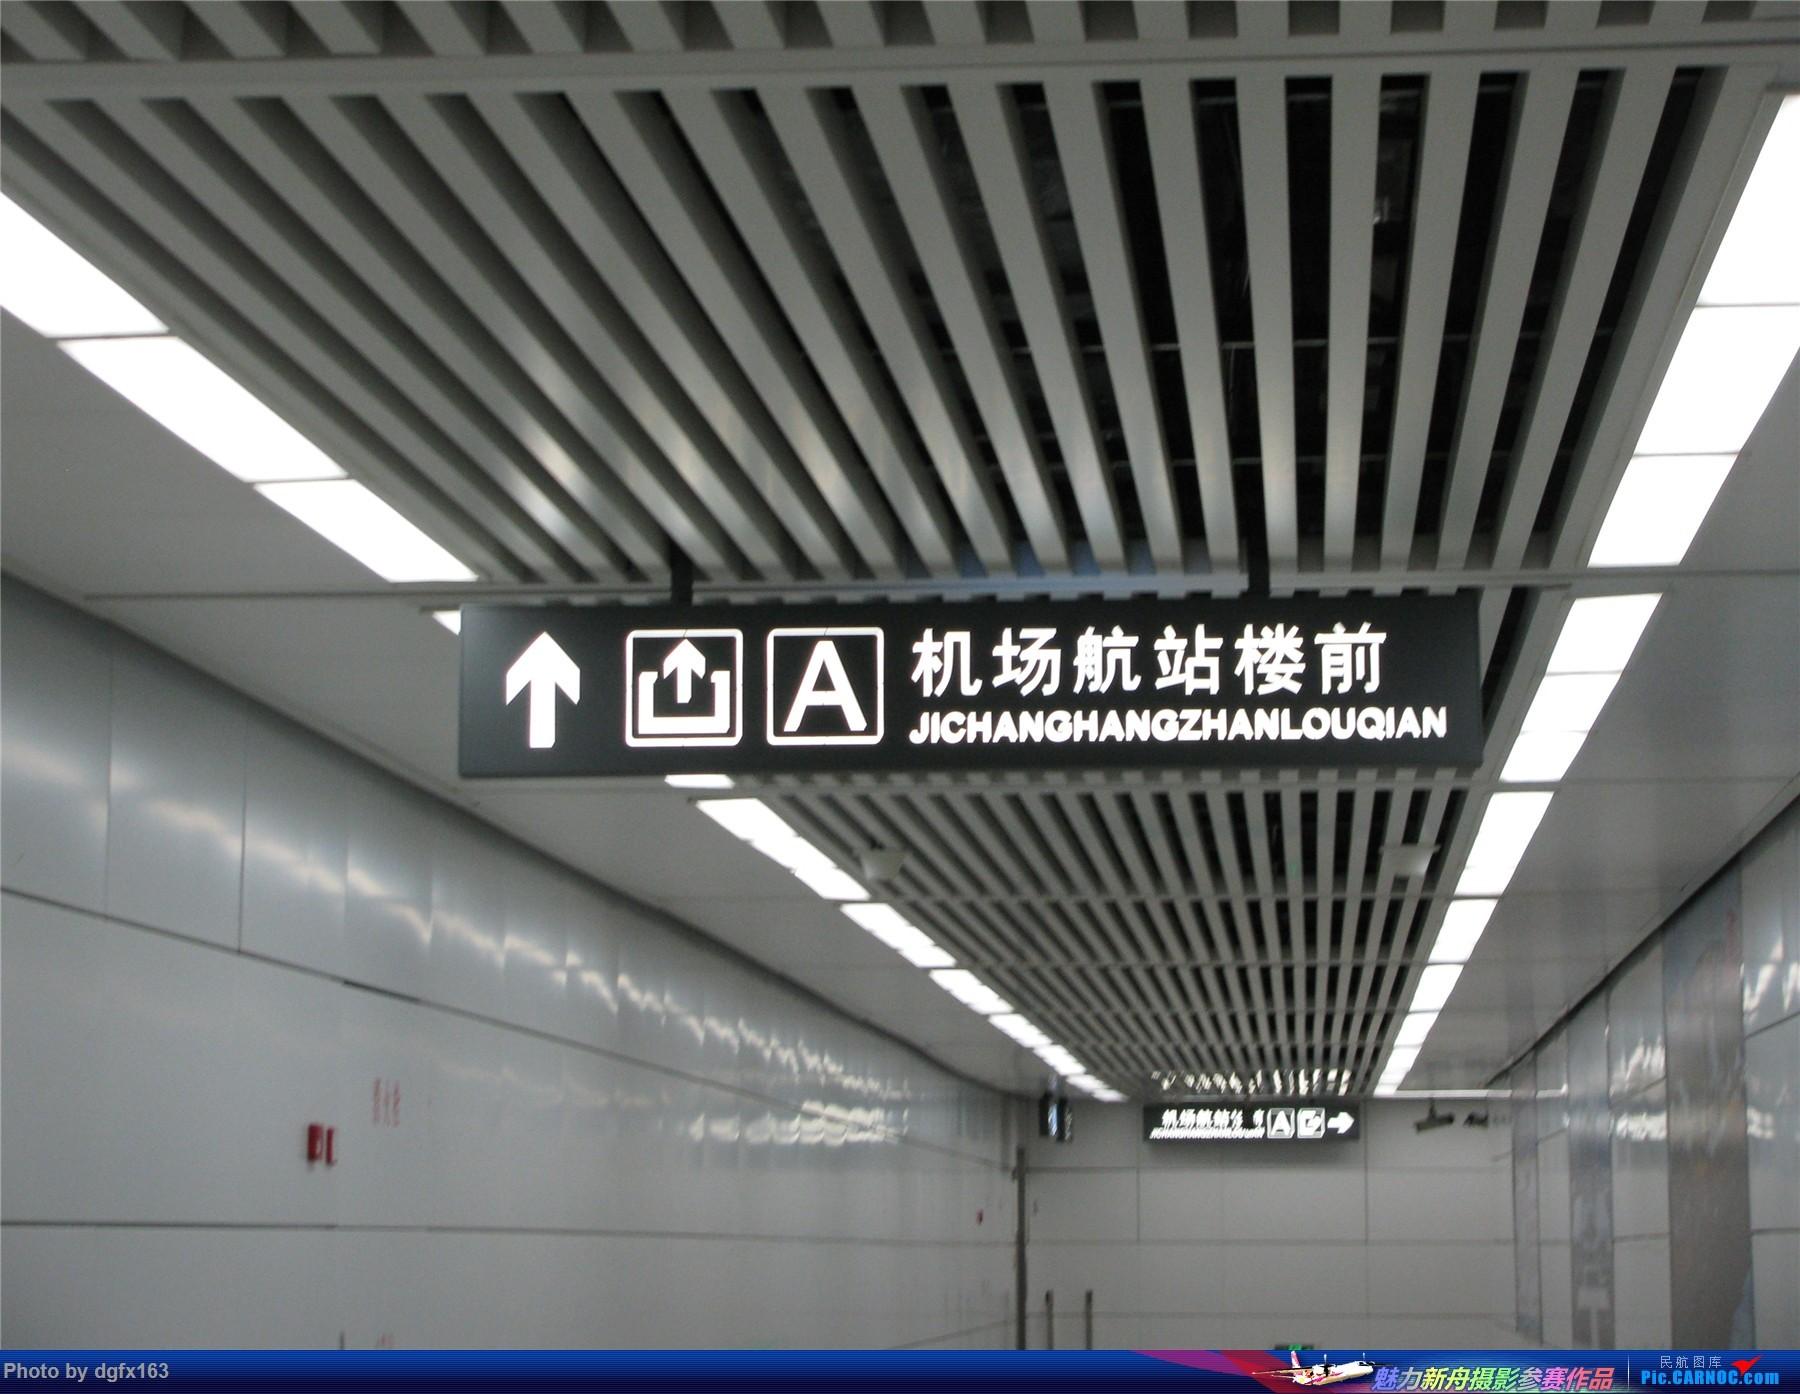 [原创]【dgfx163的游记(6)】中国国际航空公司 B737-800 大连DLC-天津TSN CA952 擦航180特价飞,开启天津4日游!    中国大连国际机场